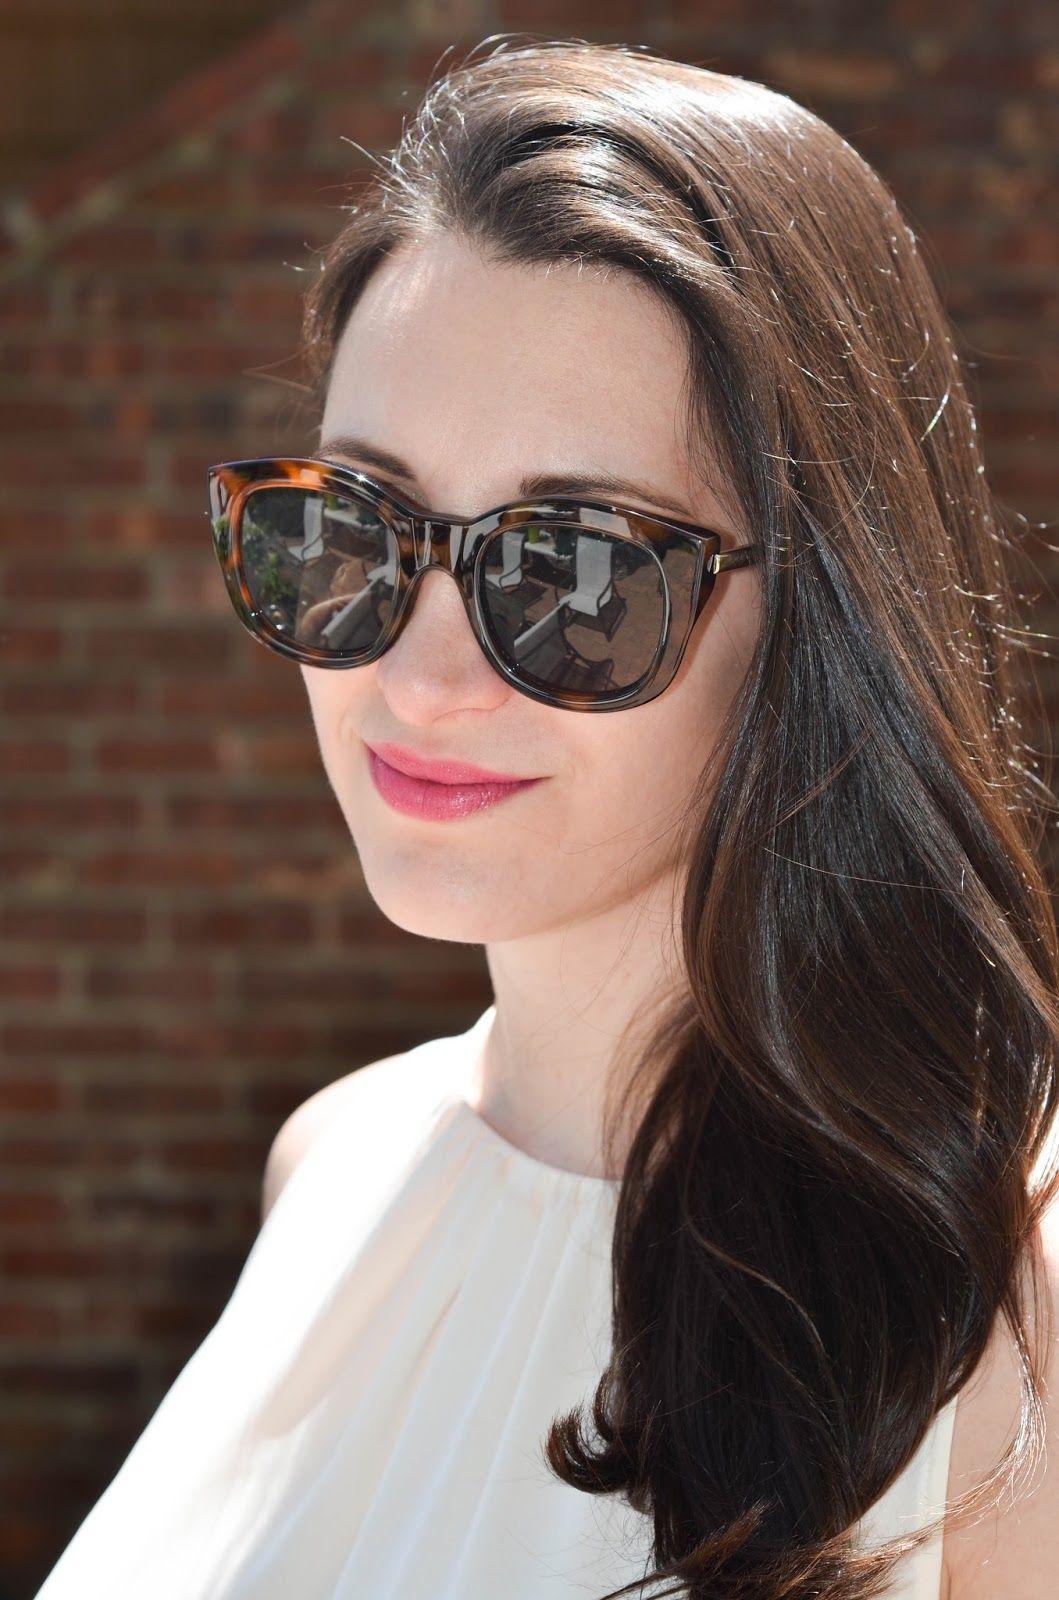 c58b3805016 le specs runaways luxe sunglasses